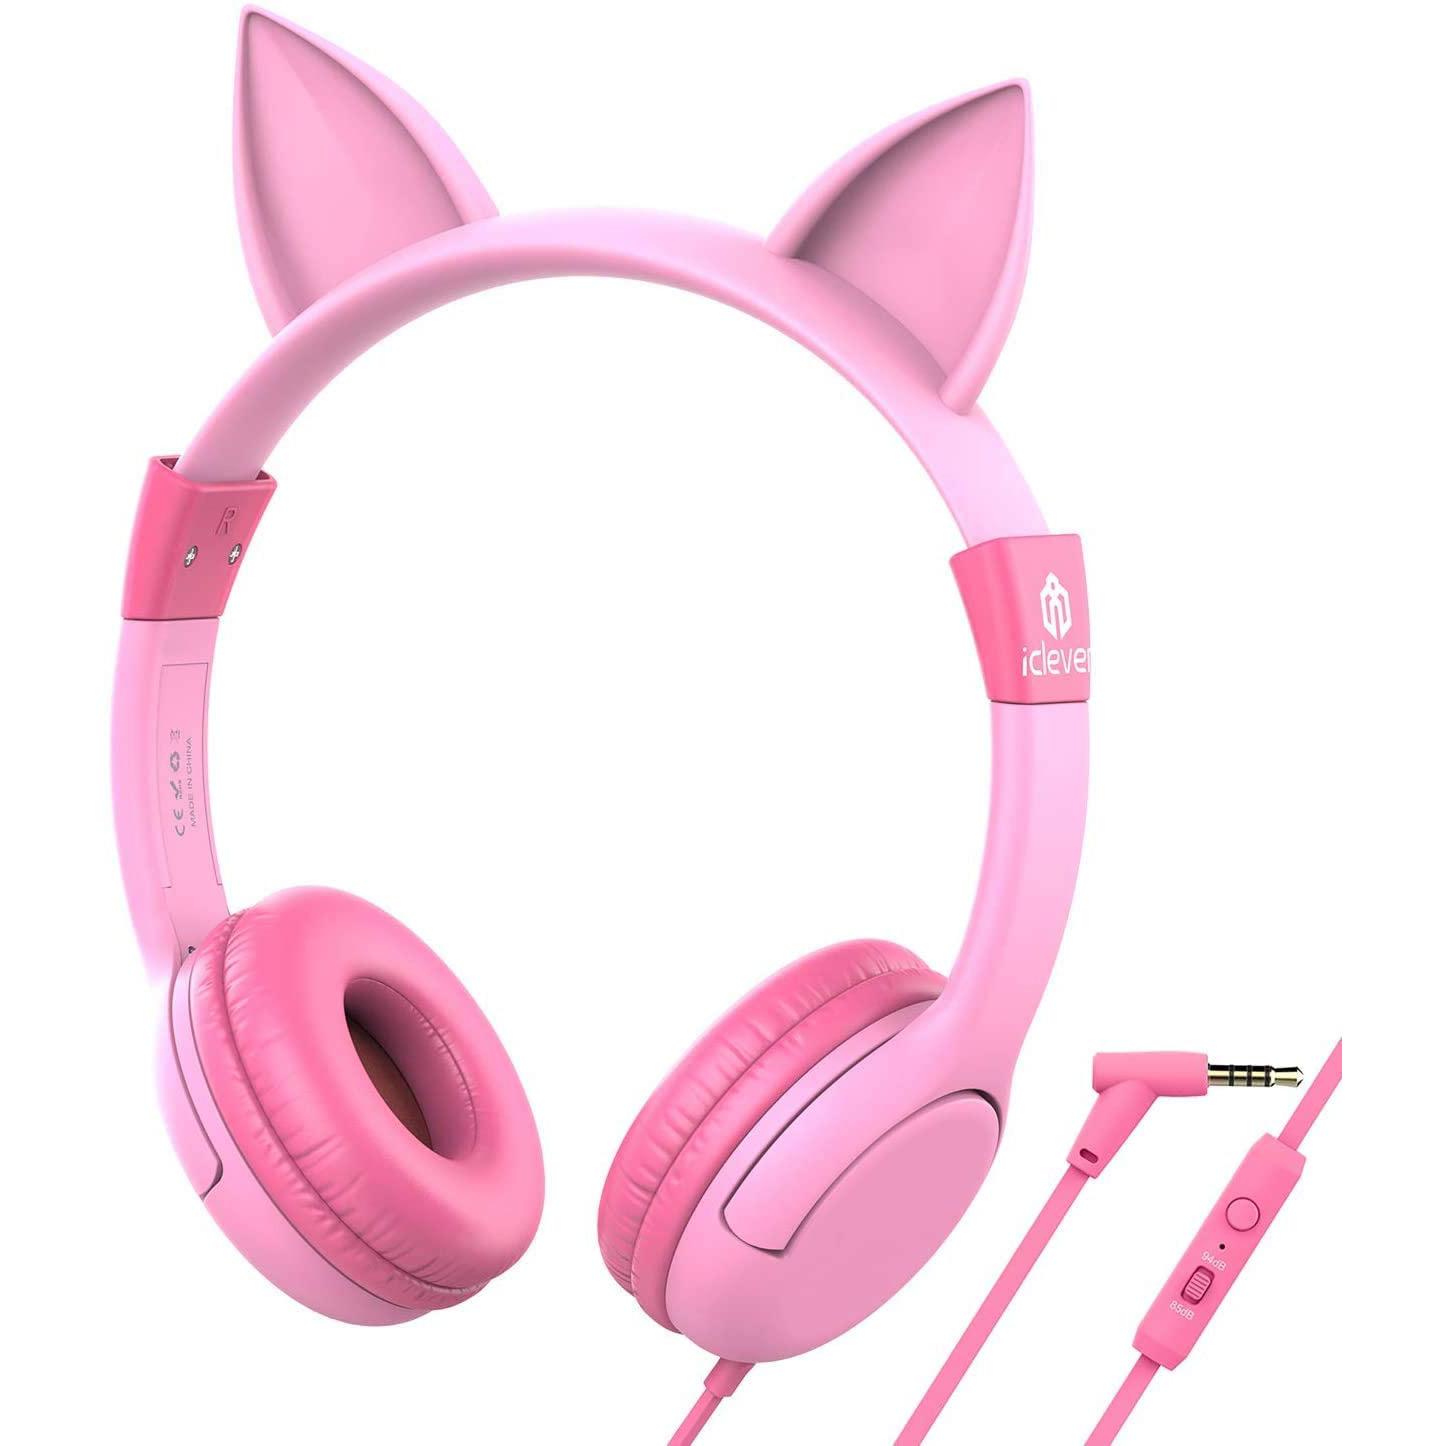 아이클레버 어린이 마이크 헤드셋, 단일상품, 핑크